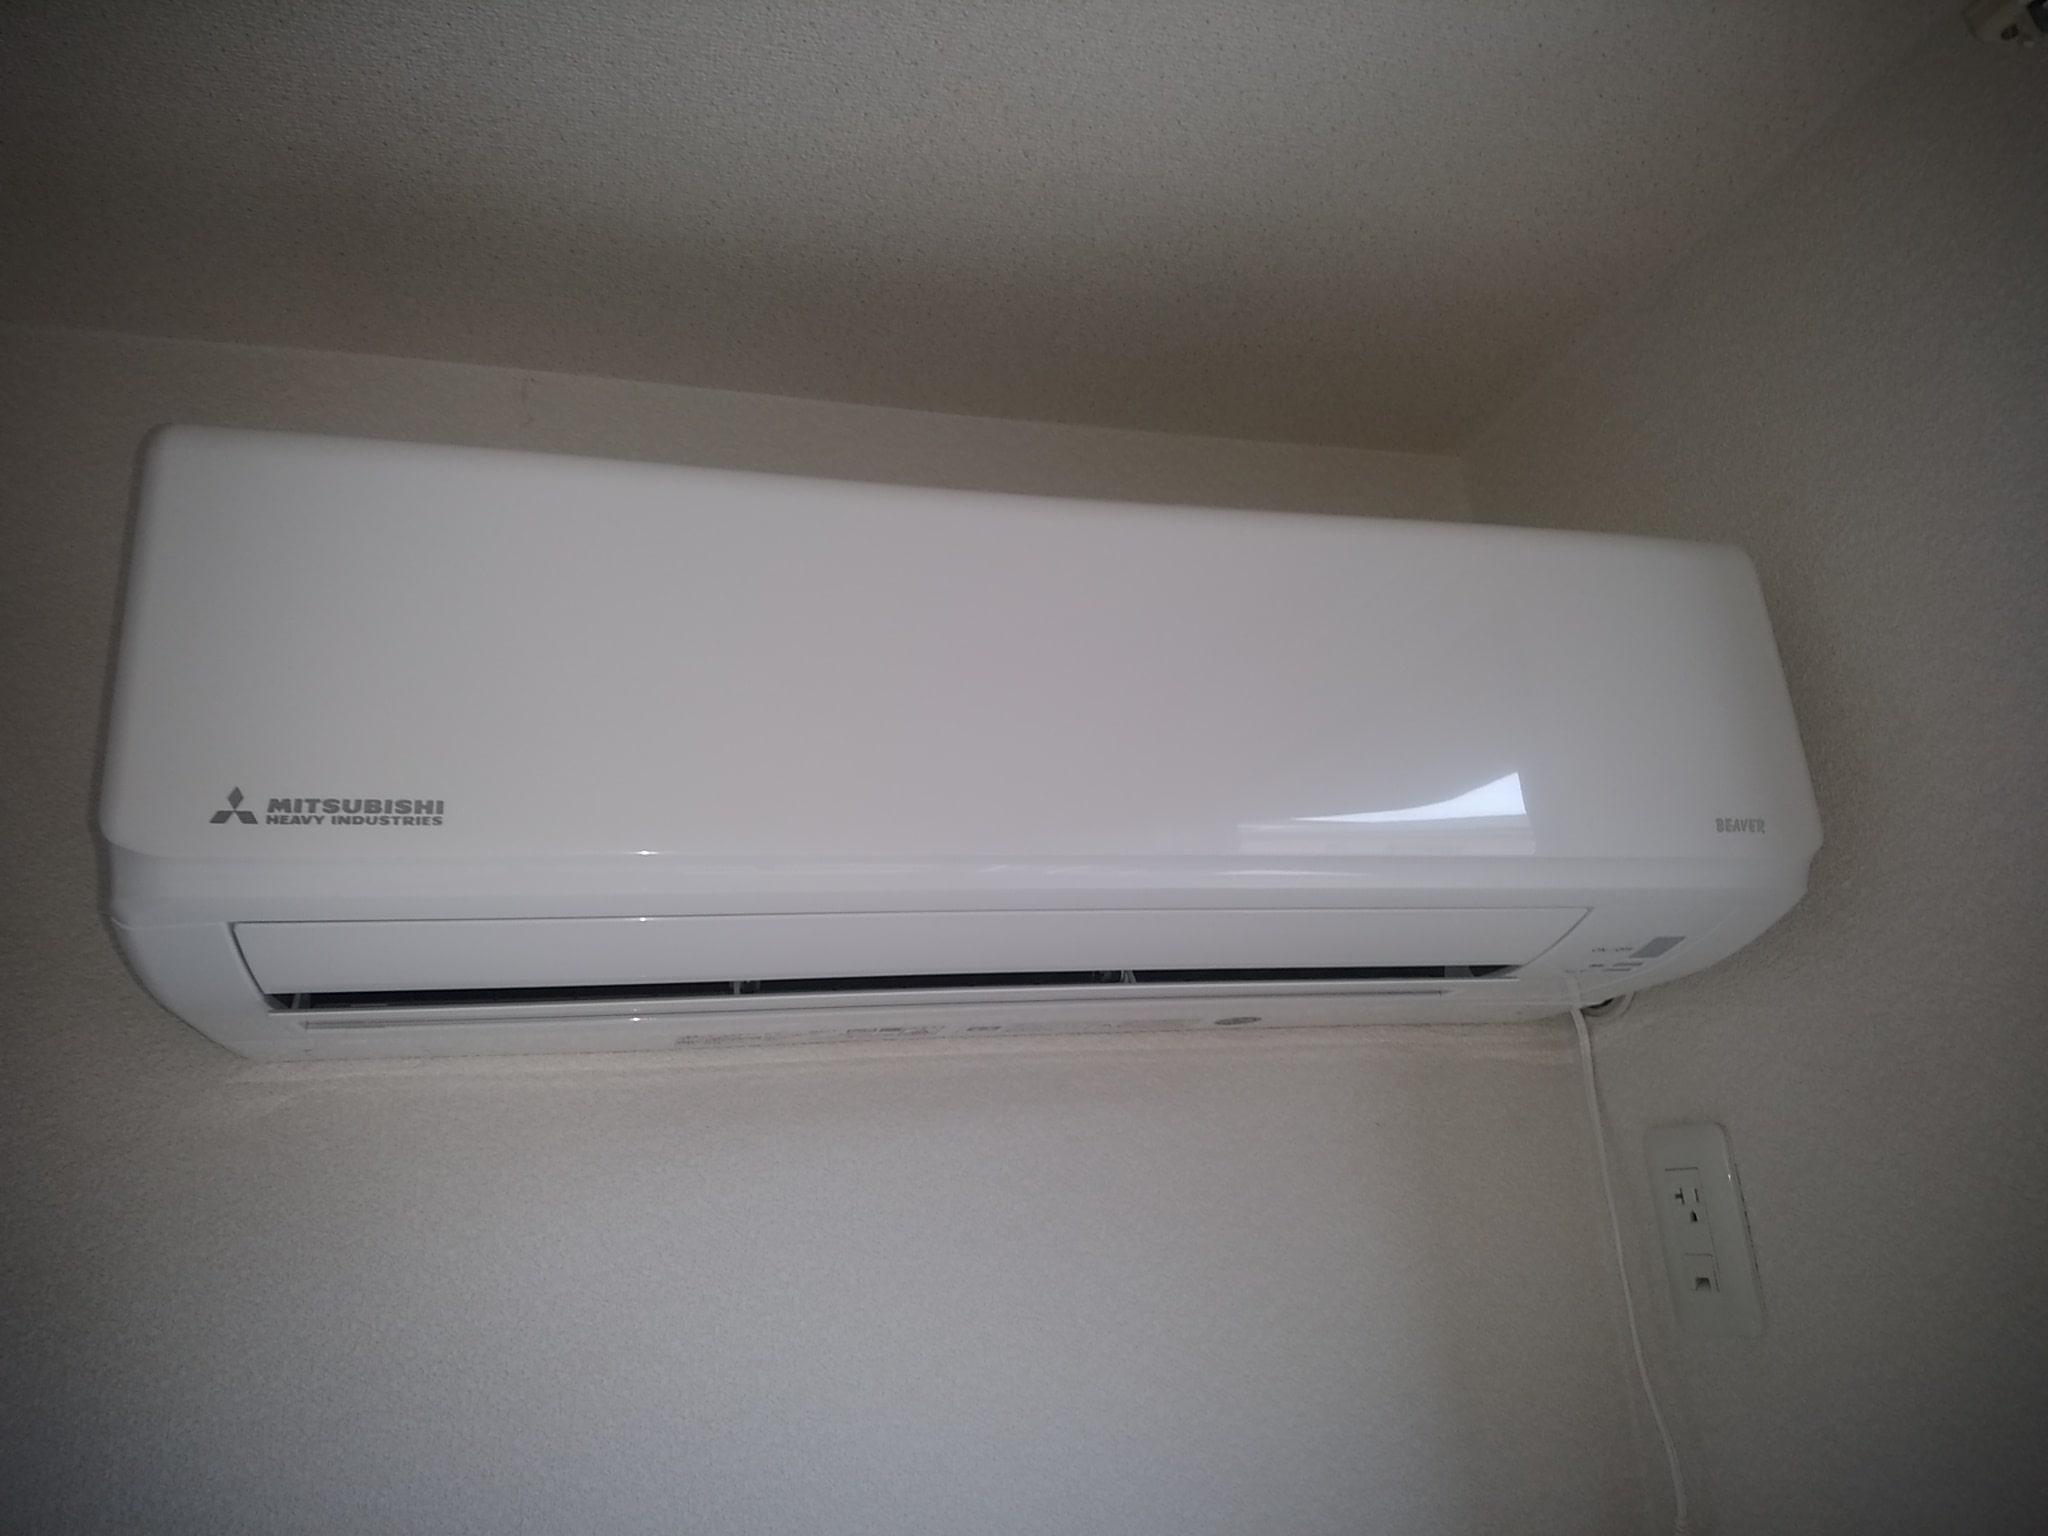 エアコンをつけっぱなしにするとカビが生えやすい?